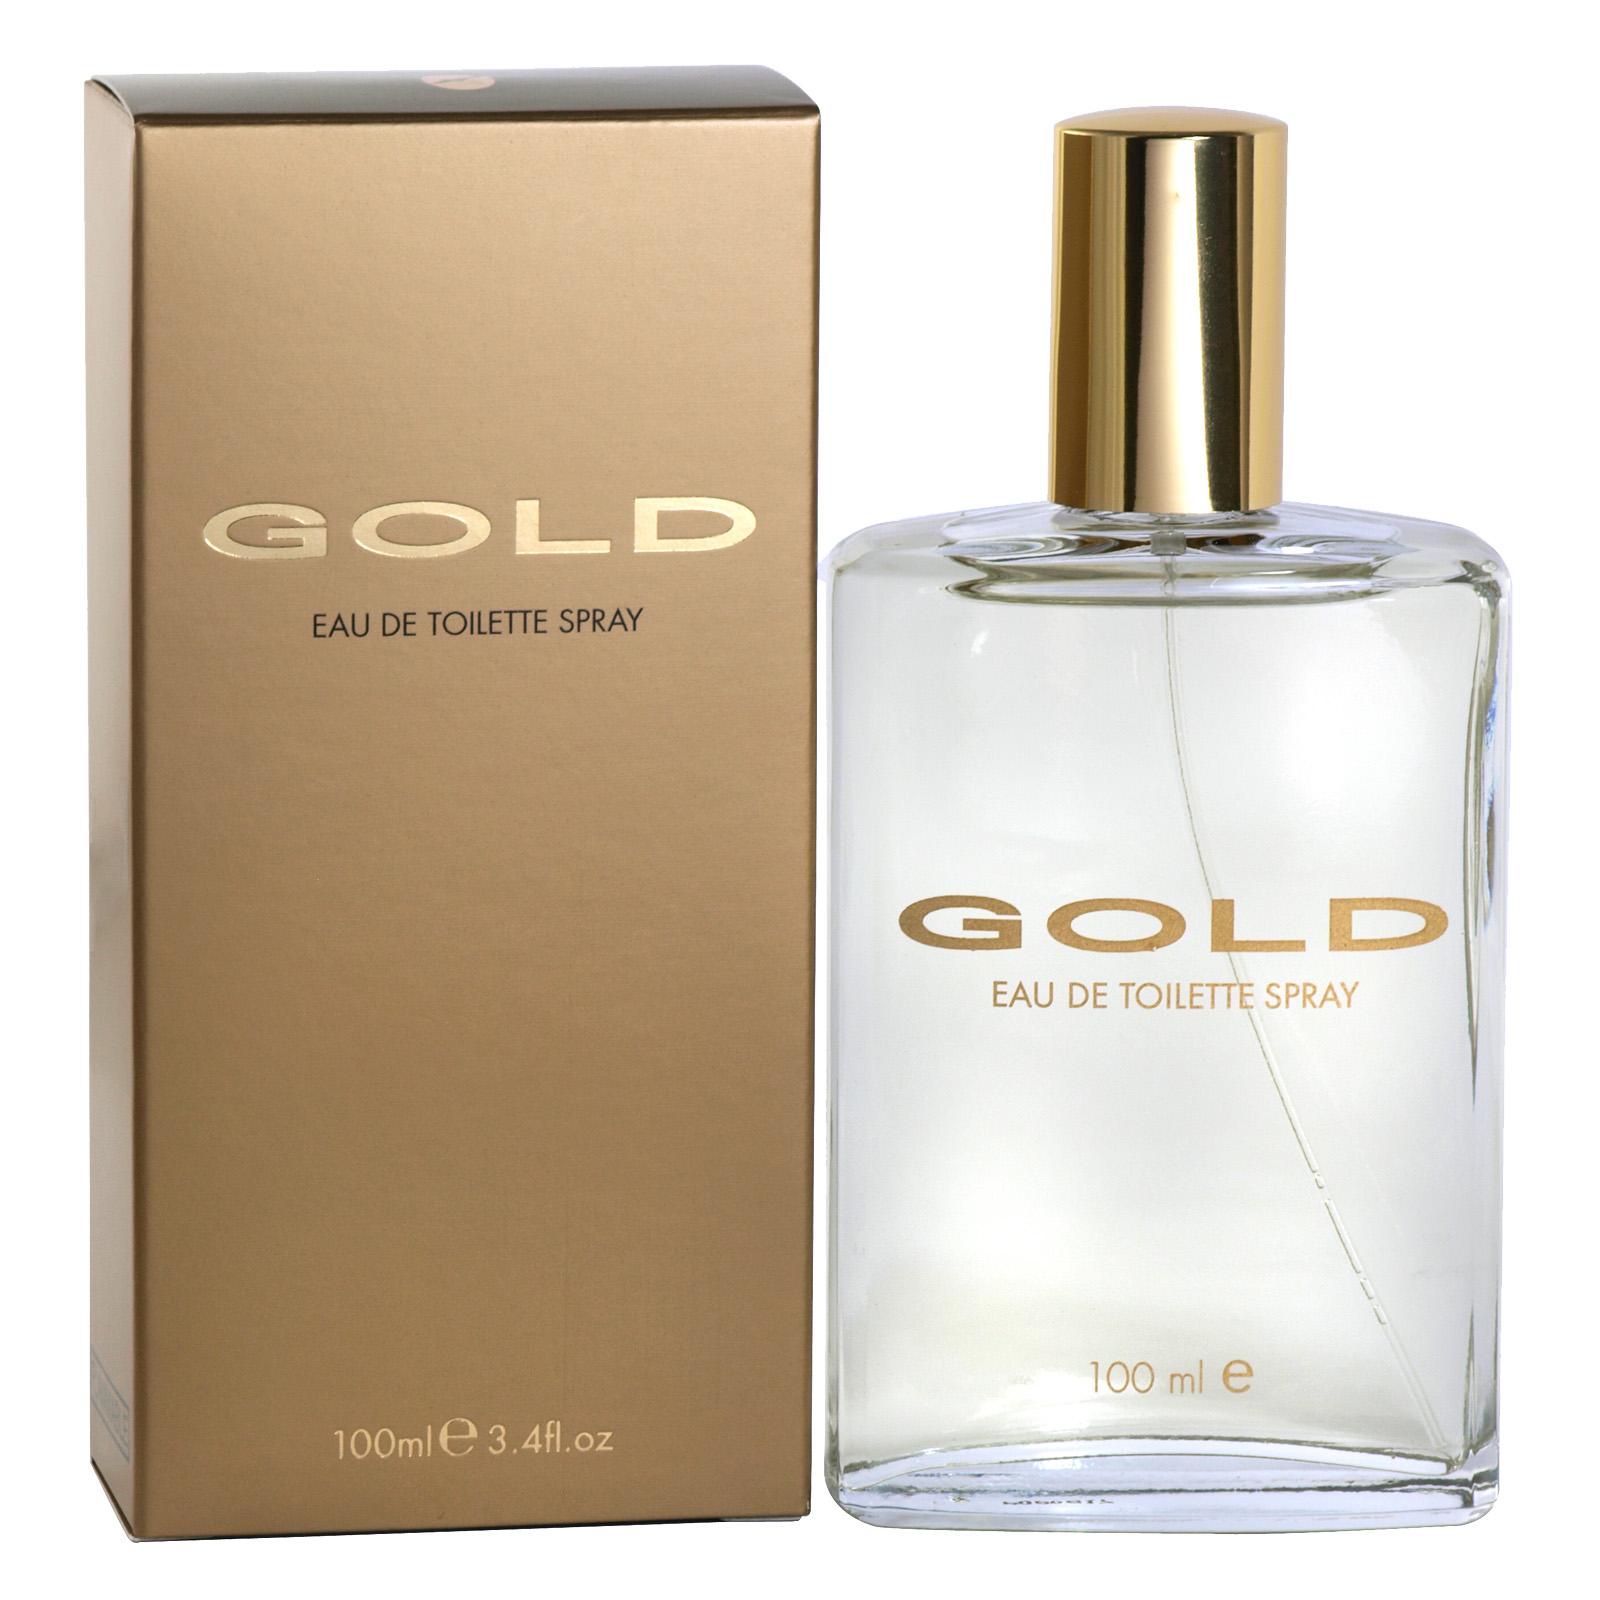 GOLD EDT SPRAY 100ML